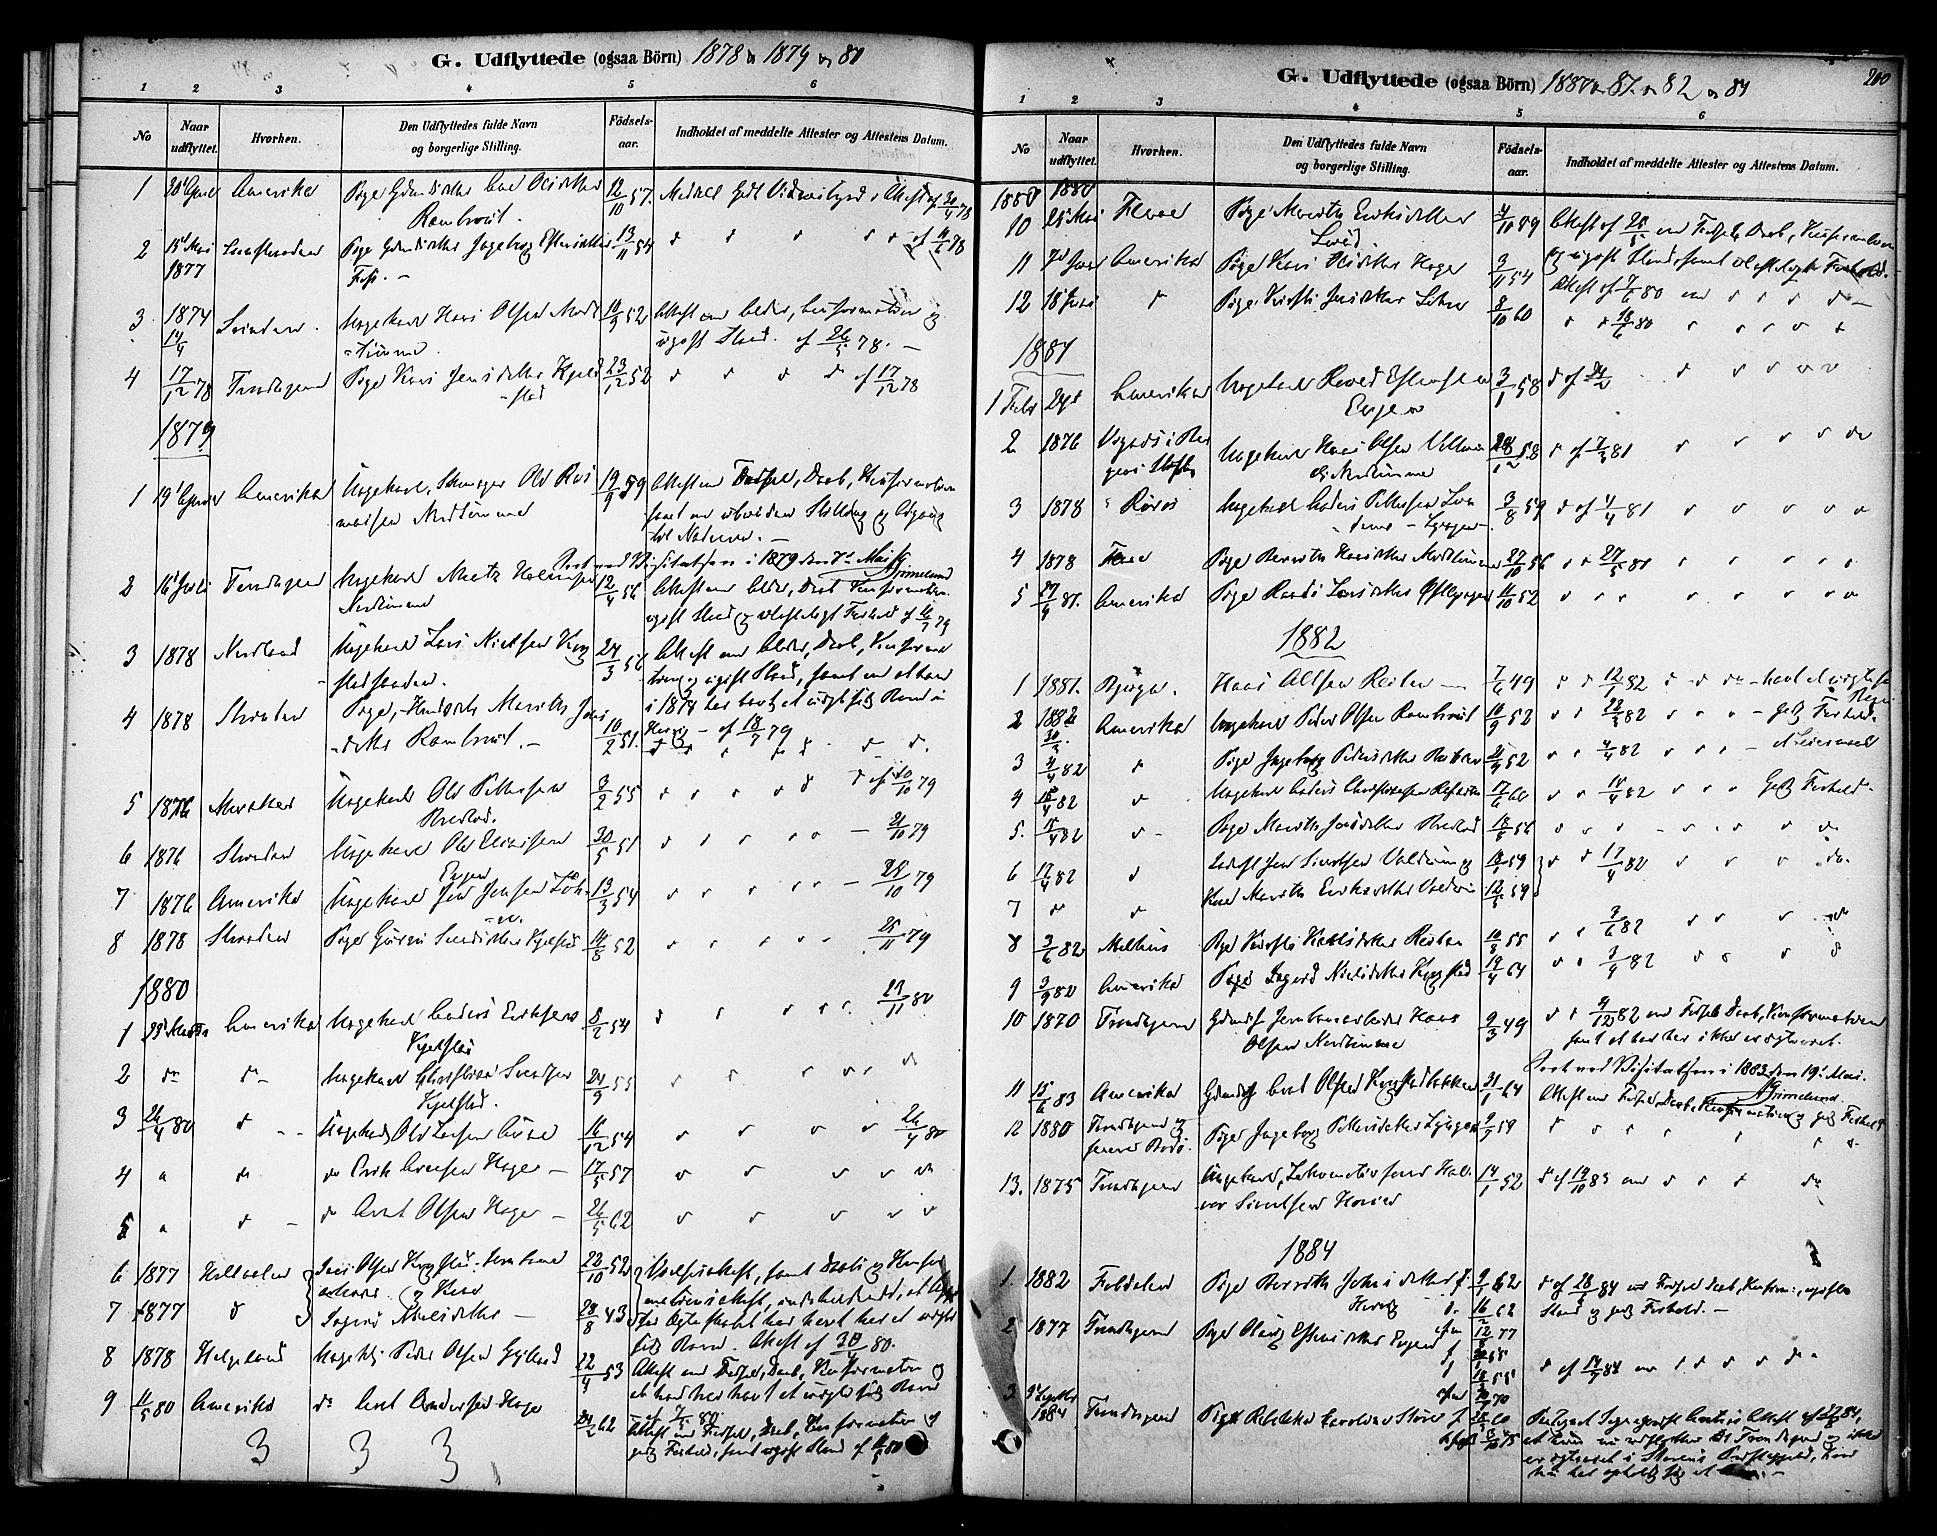 SAT, Ministerialprotokoller, klokkerbøker og fødselsregistre - Sør-Trøndelag, 692/L1105: Ministerialbok nr. 692A05, 1878-1890, s. 200